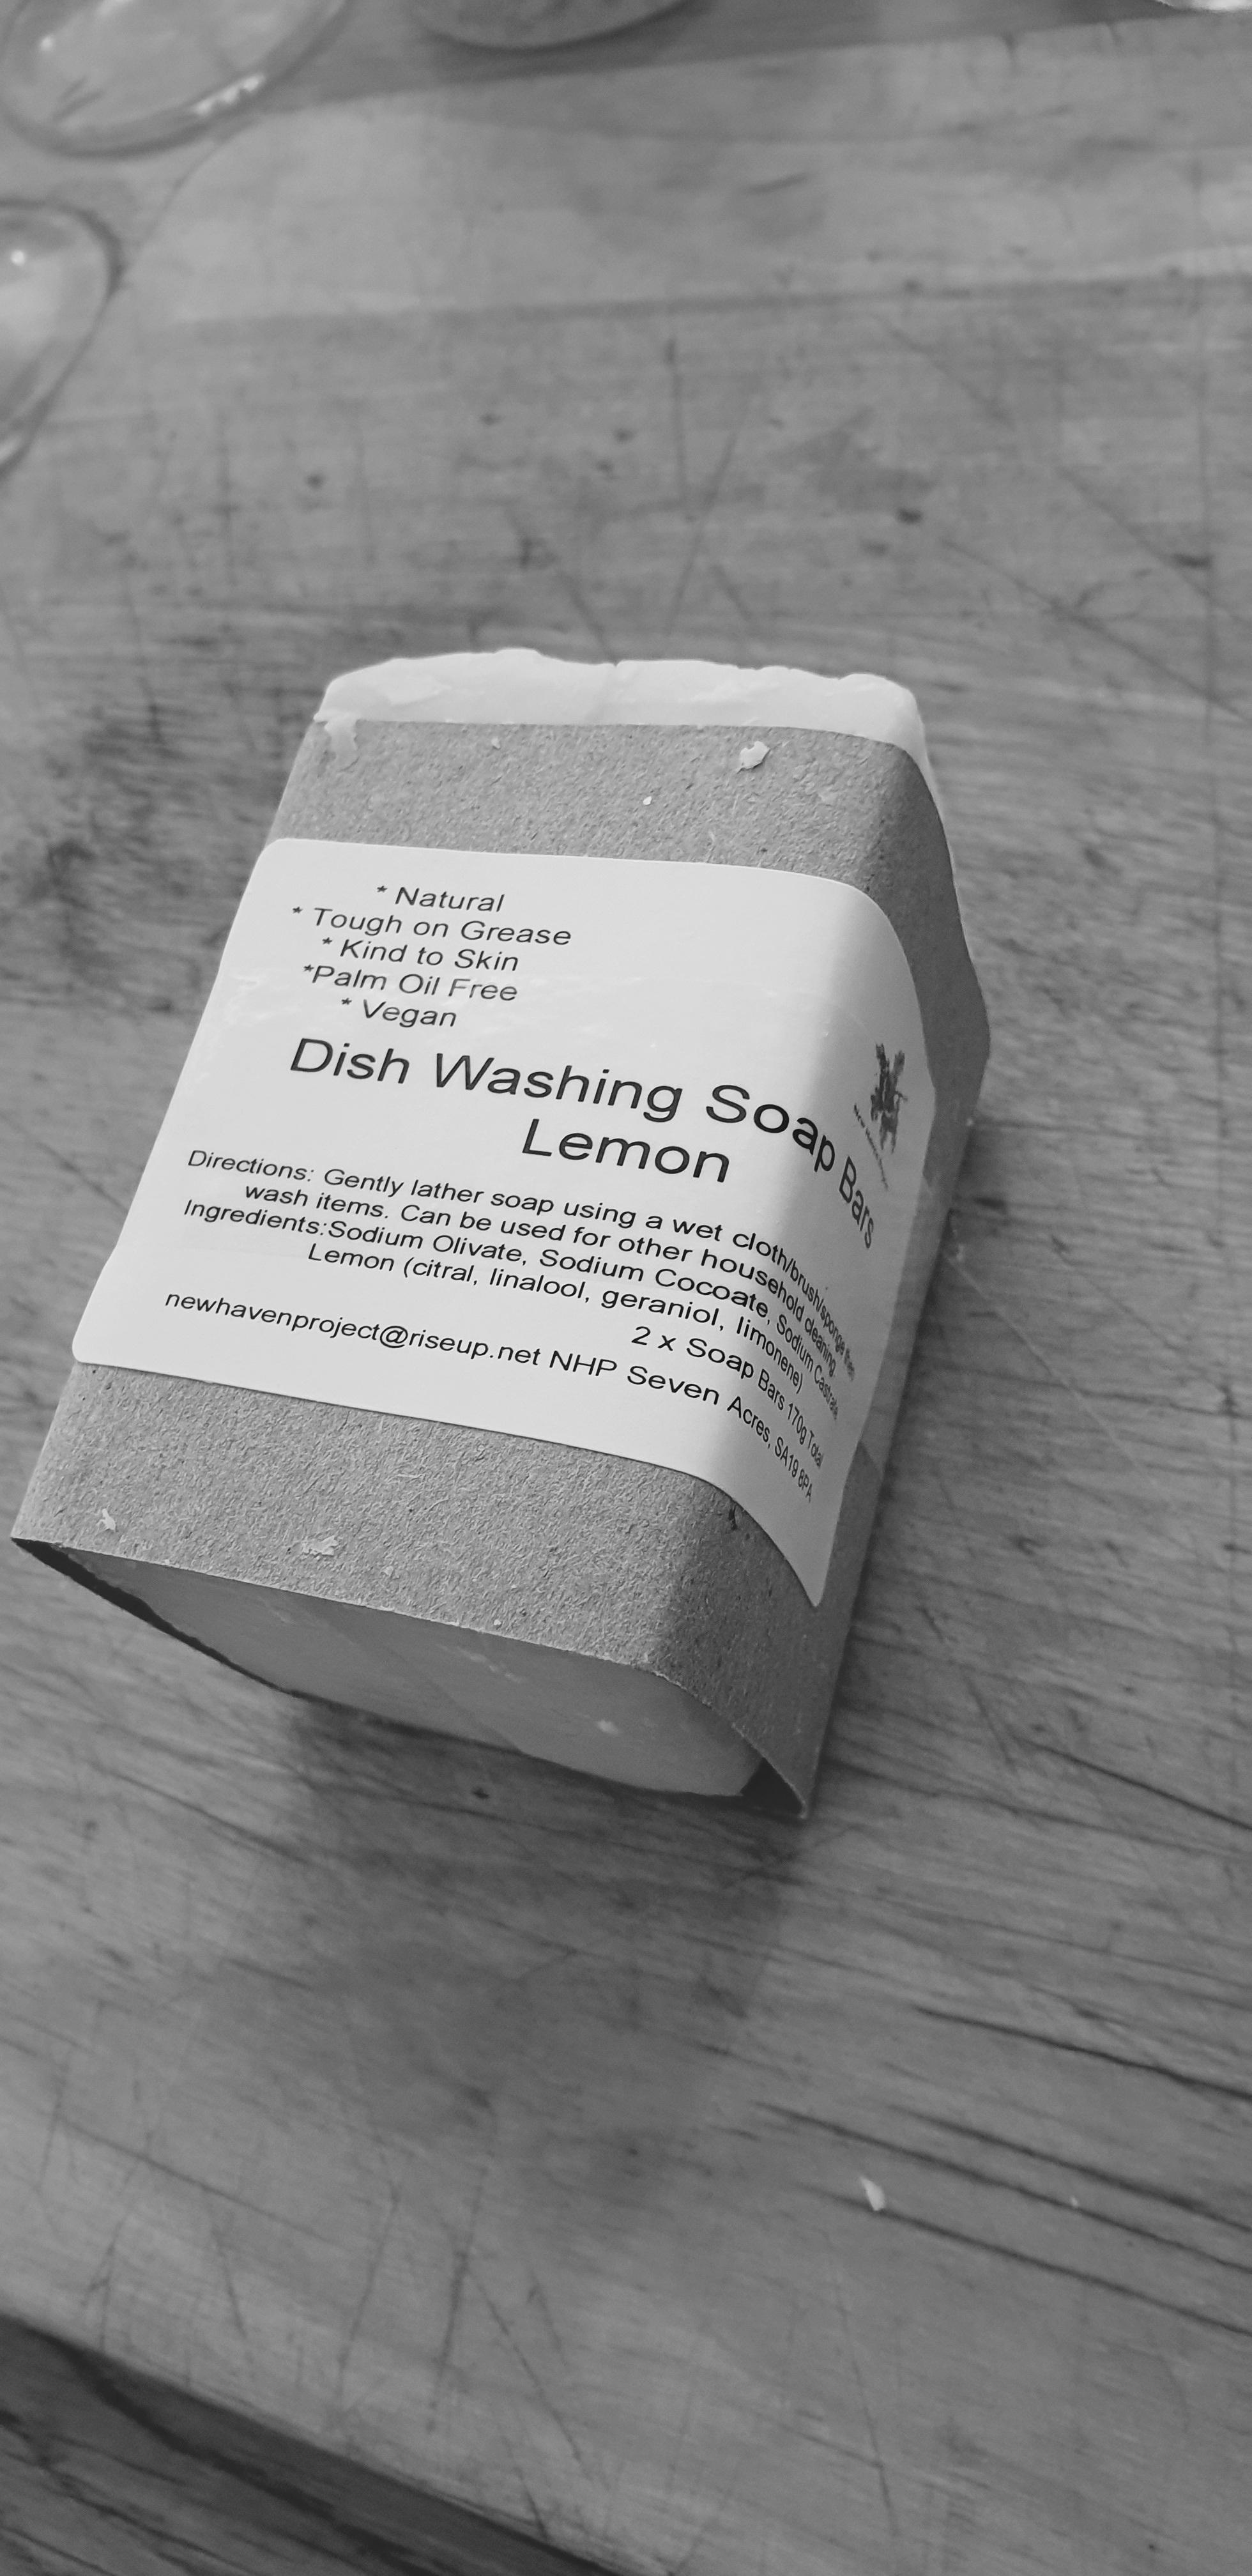 Natural dish washing and laundry soap bars